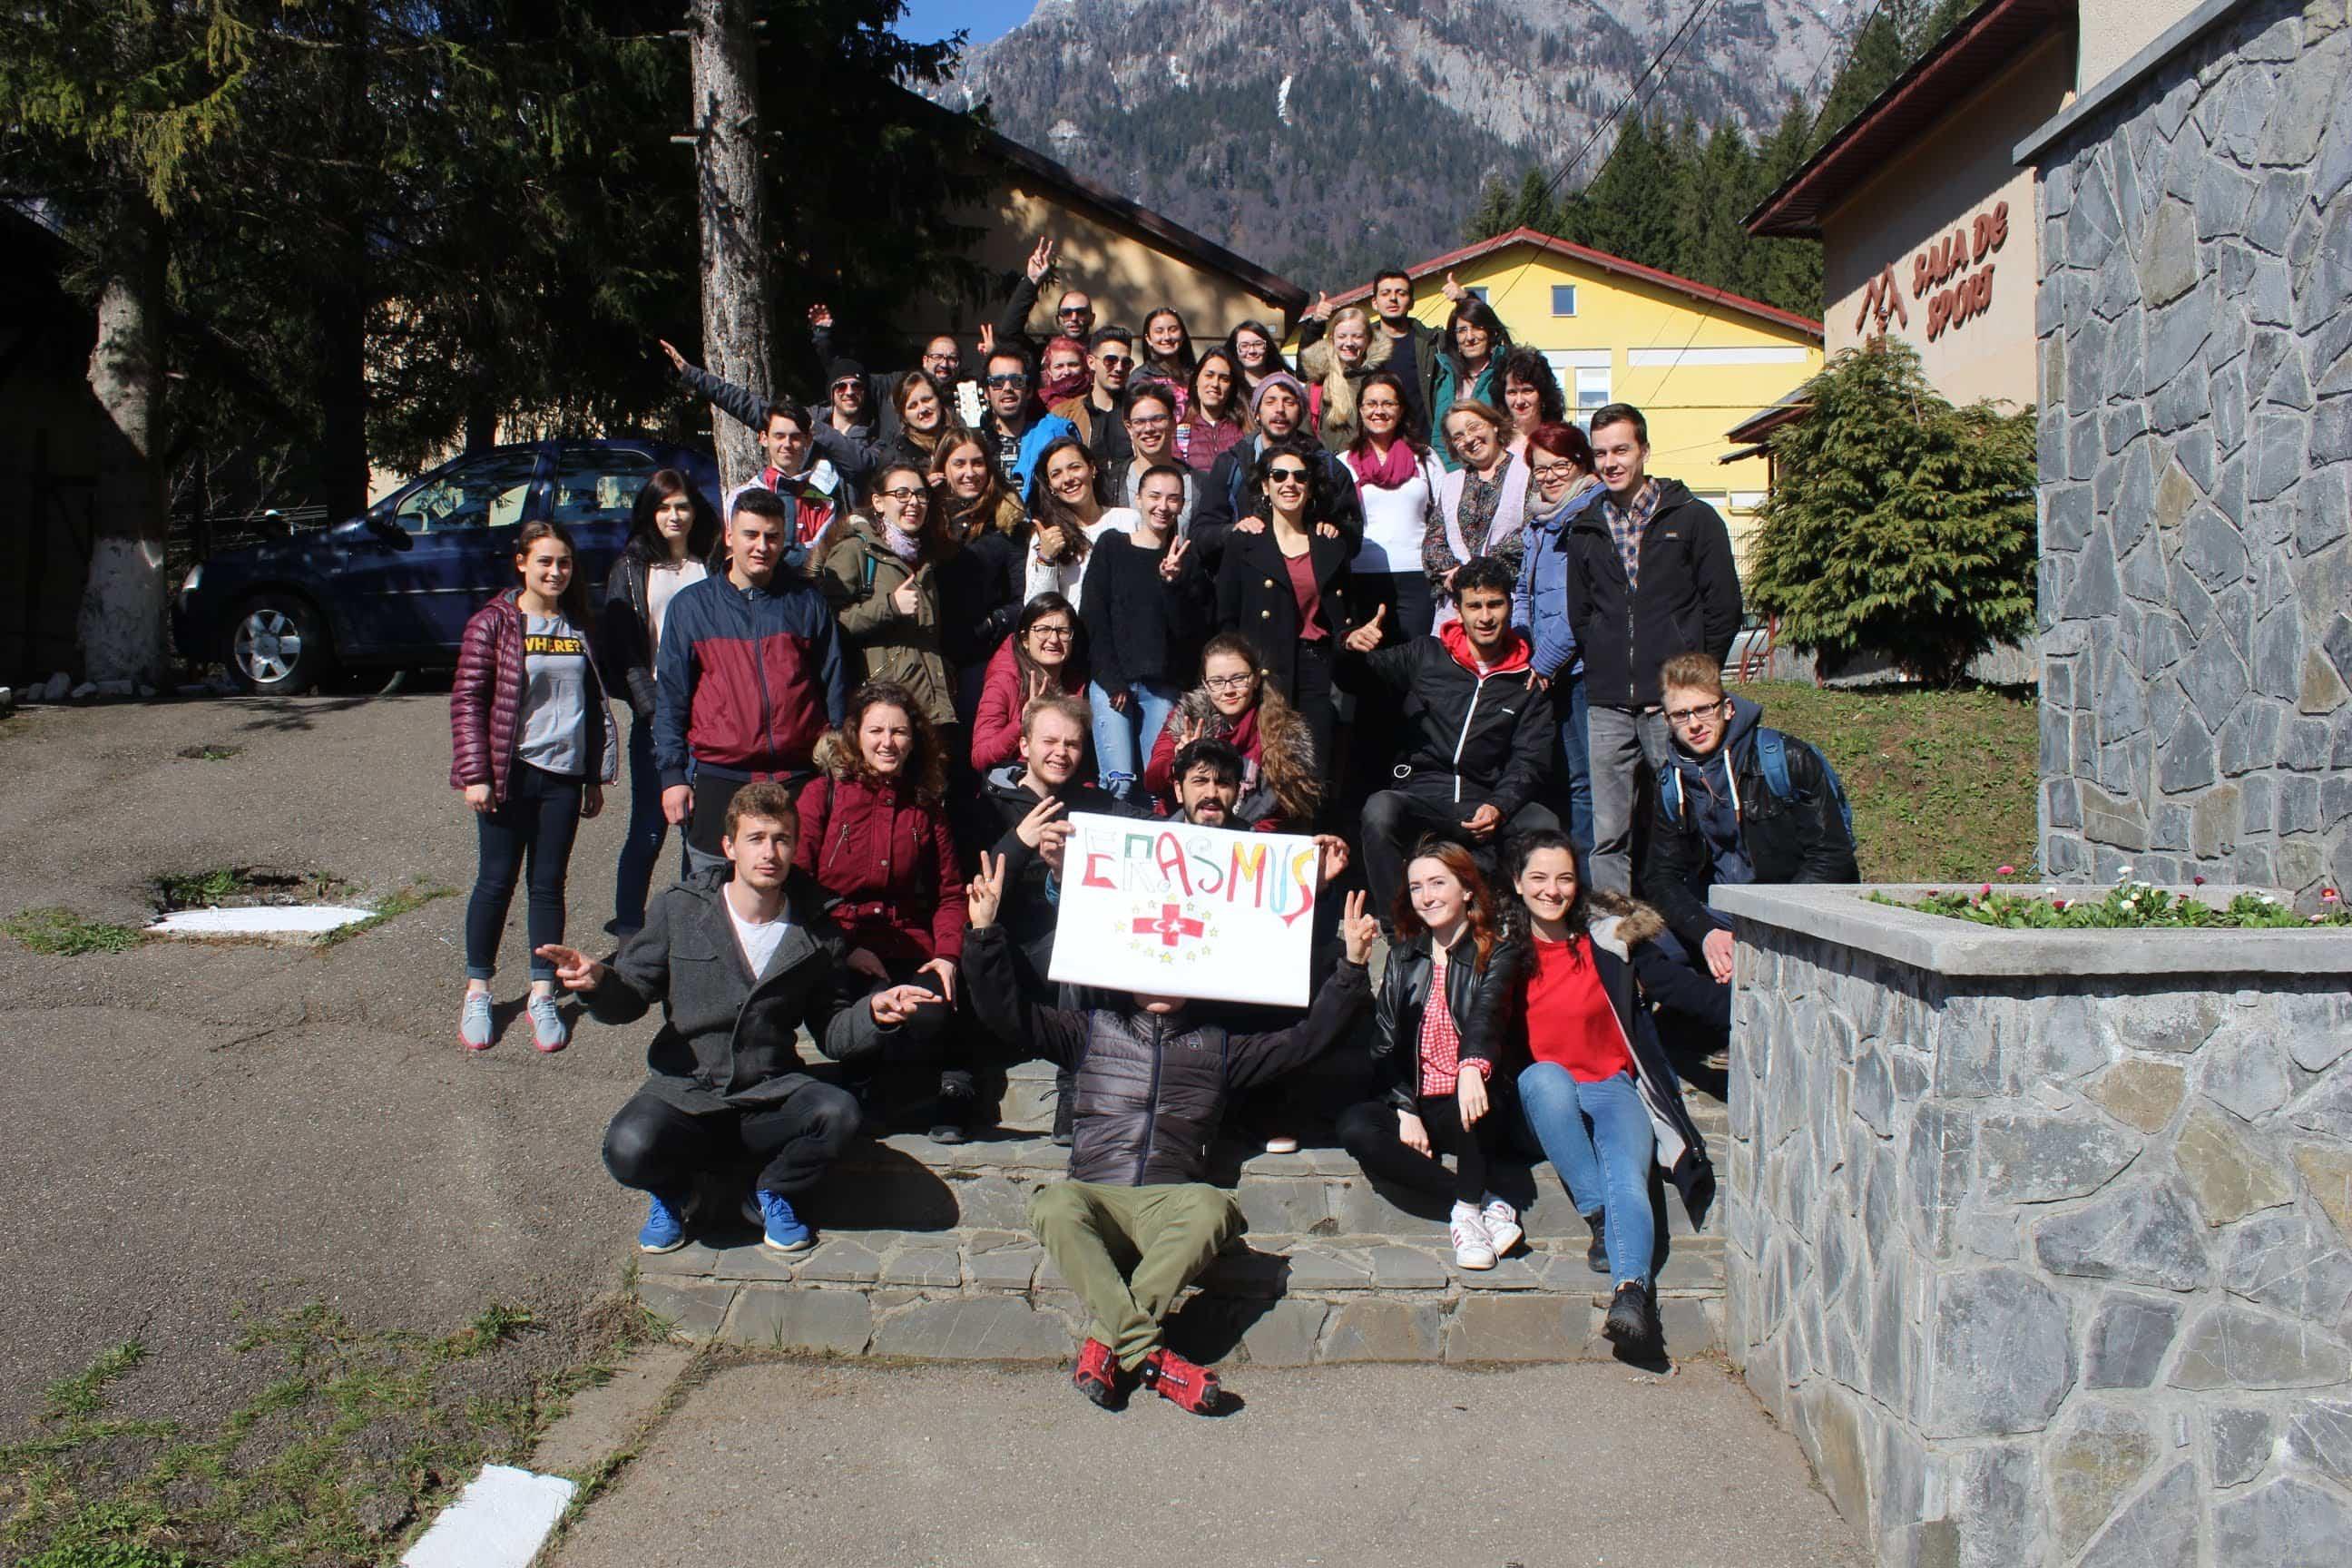 Las asociaciones locales El Uali Sahara y Aktive Kosmos en Rumanía 8